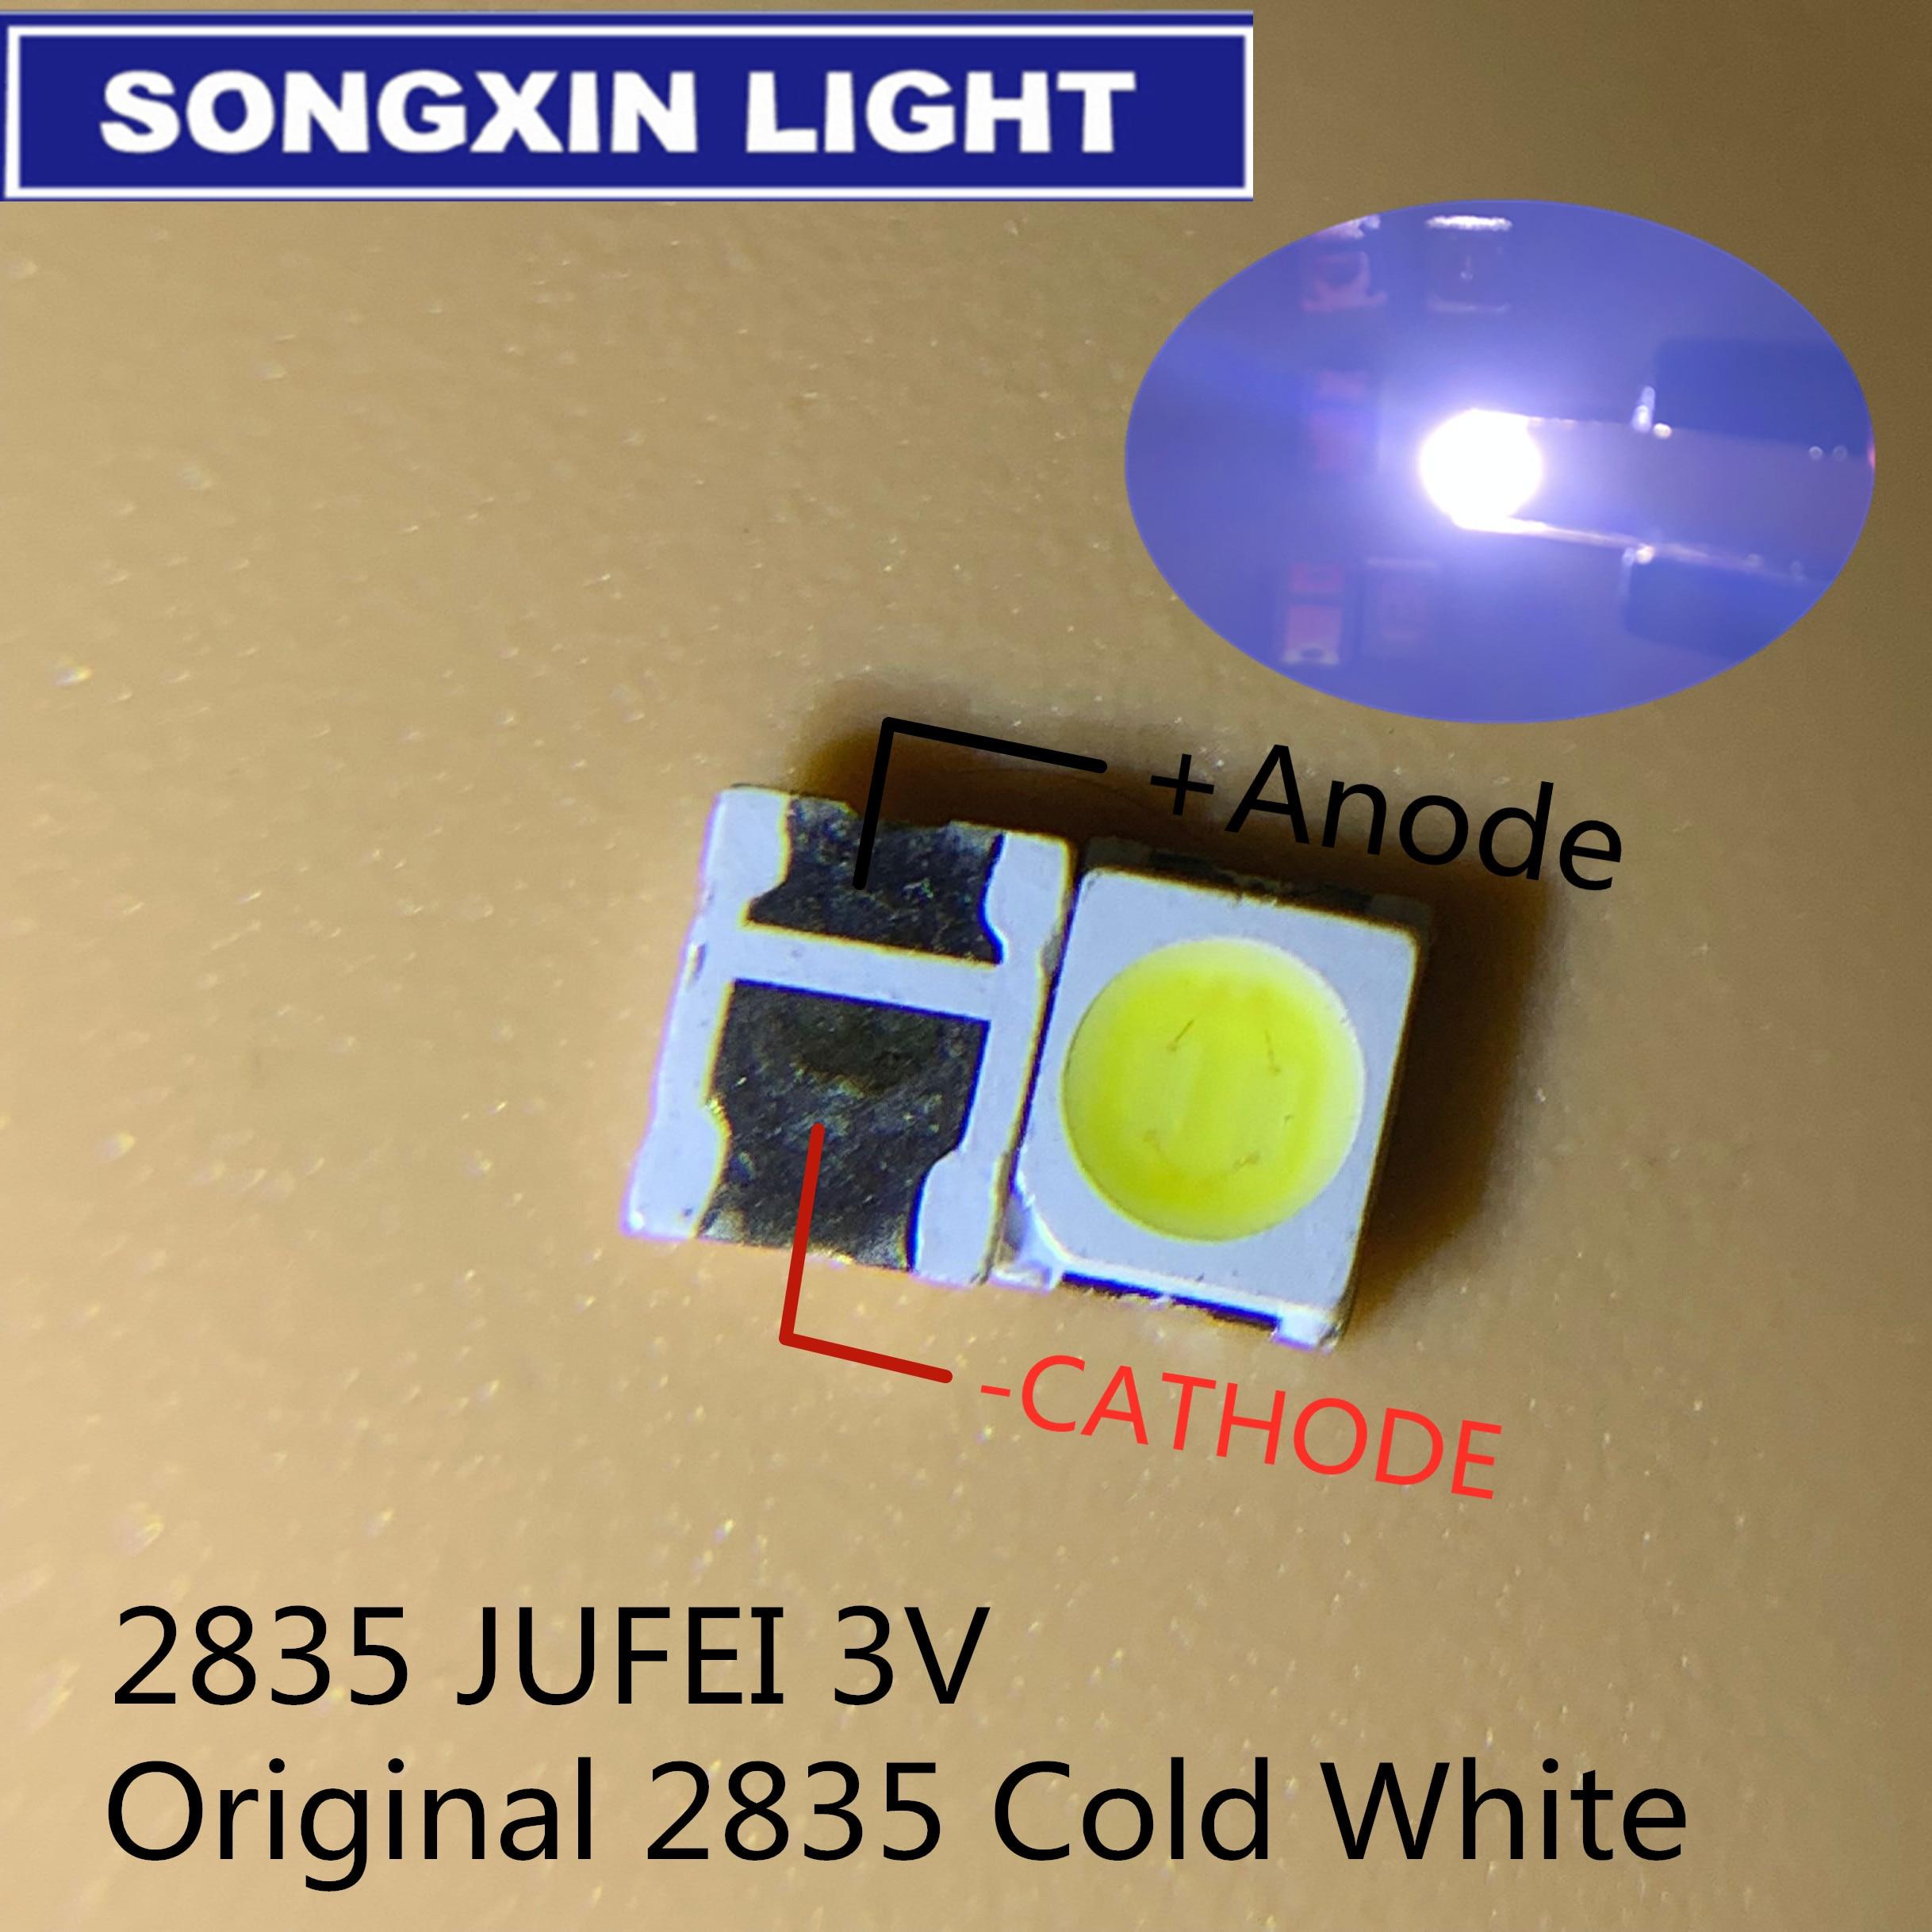 1000 шт. светодиодный светильник JUFEI подсветка 1210 3528 2835 1 Вт 3В 107лм холодный белый подсветка LCD для ТВ приложения 01. JT.2835BPWP2-C